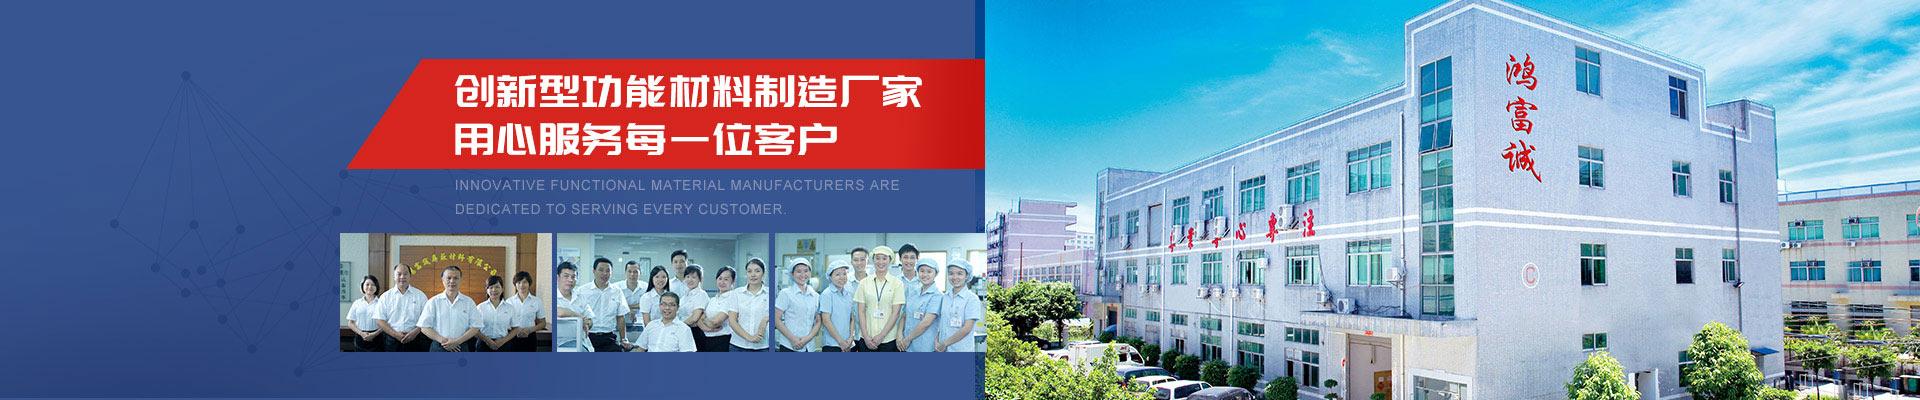 鸿富诚,创新型功能材料制造厂家,用心服务每一位客户